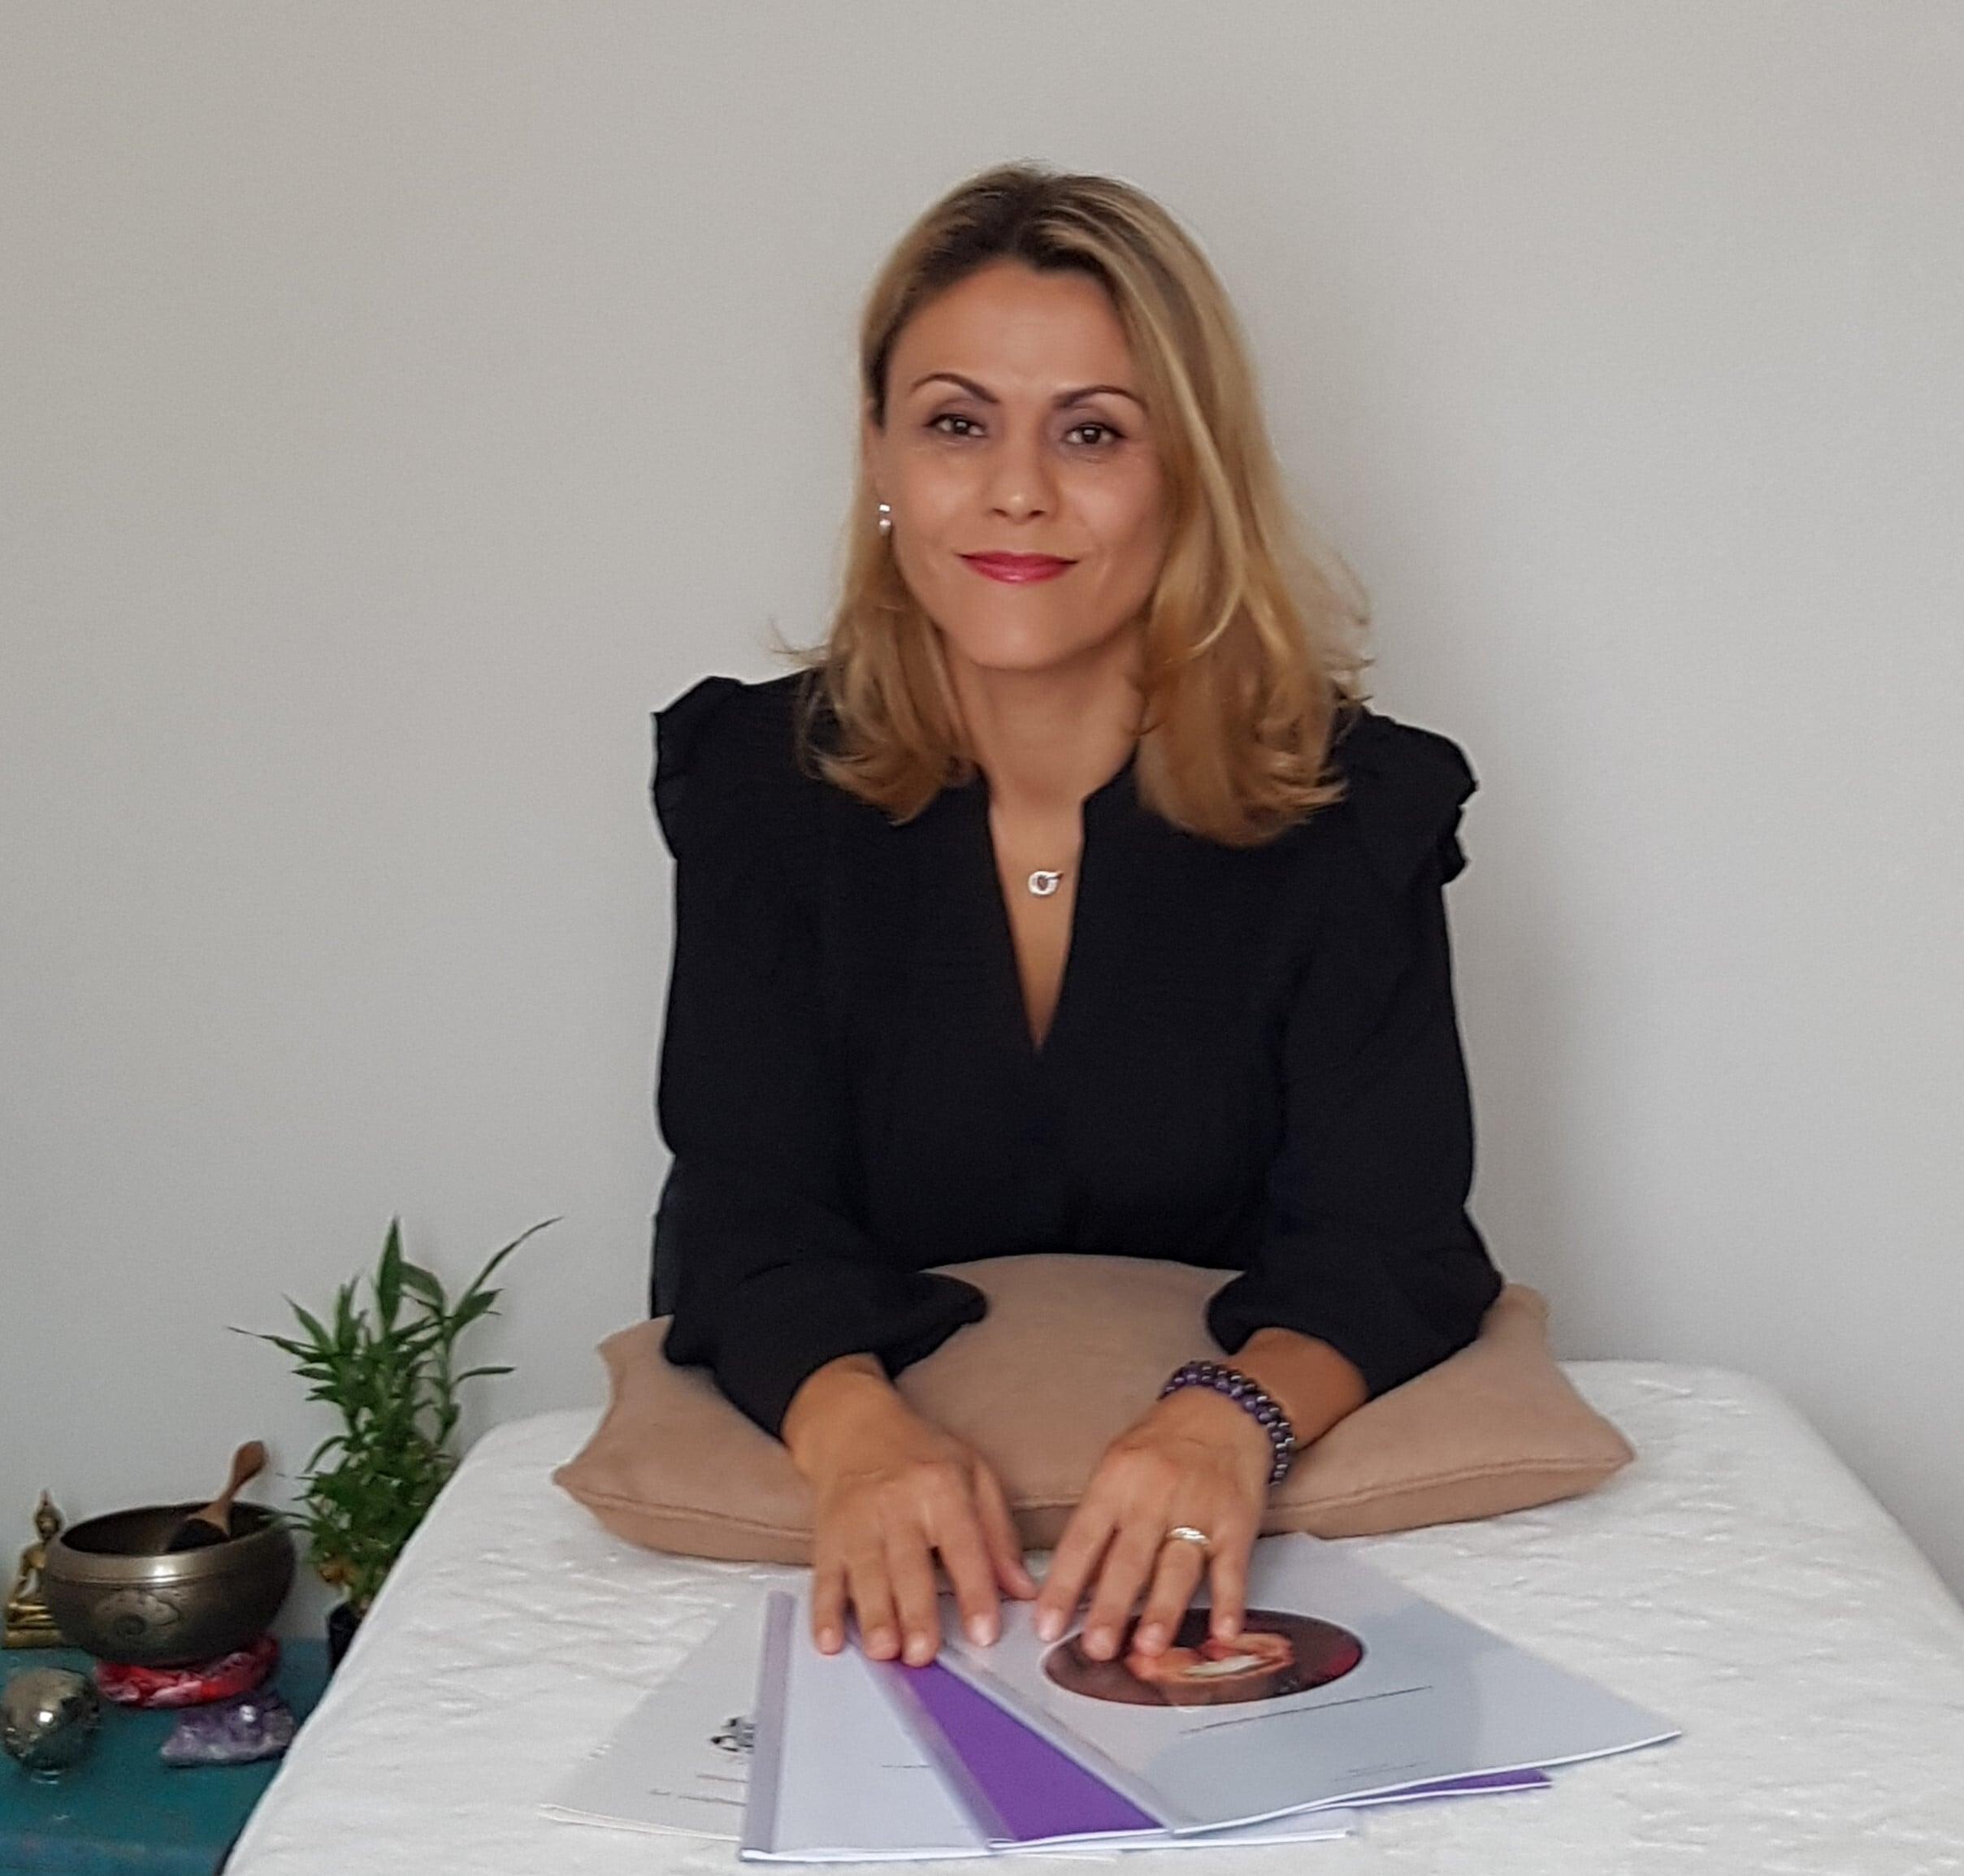 Harmoniser son énergie vitale grâce au Reiki - Meral PER - Maître Praticienne et enseignante Reiki à Meaux